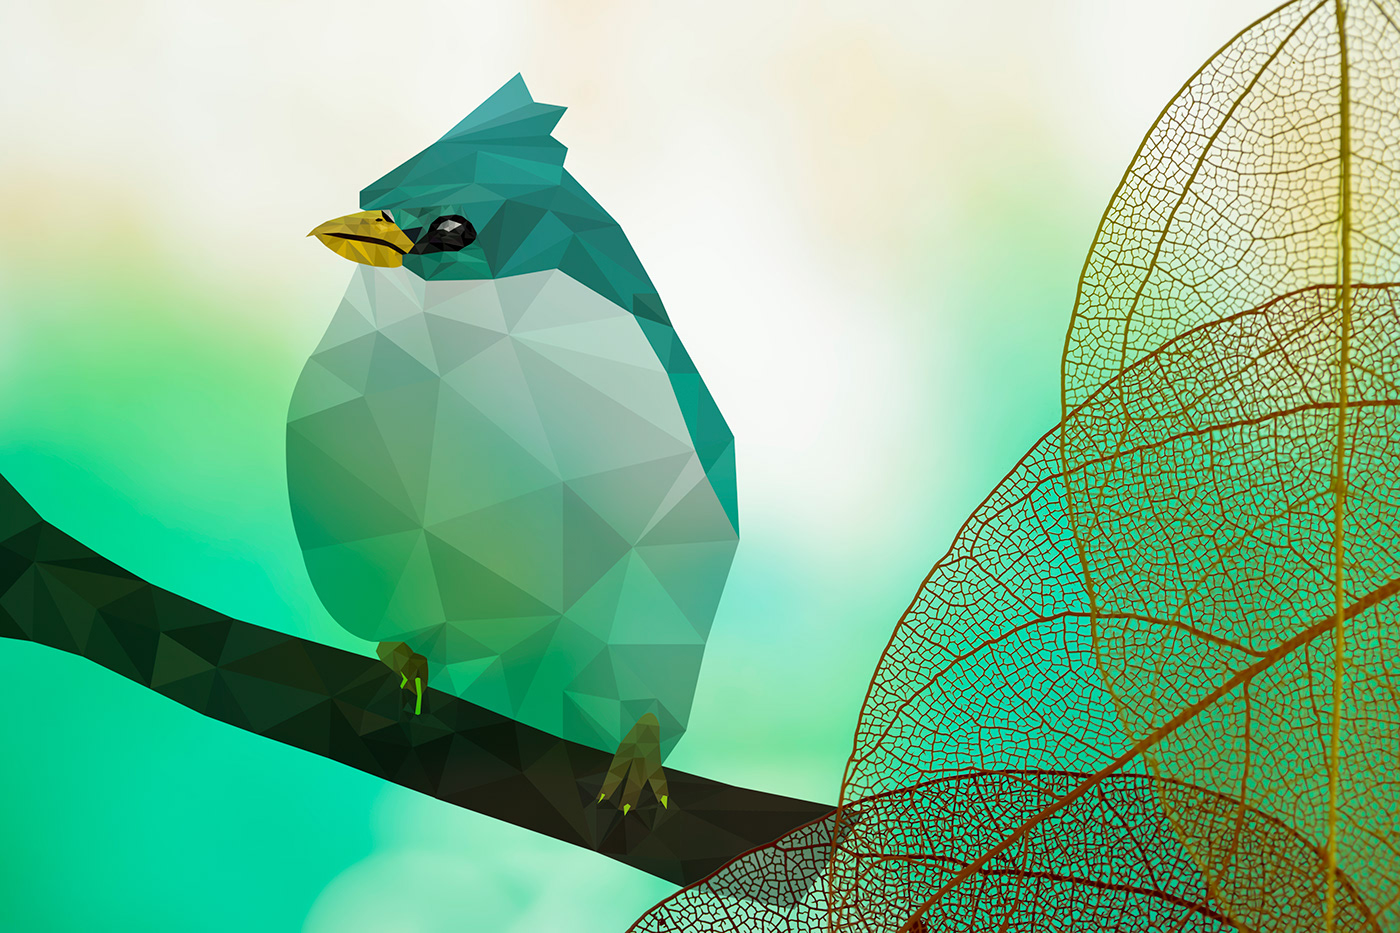 Polygonal Angry bird